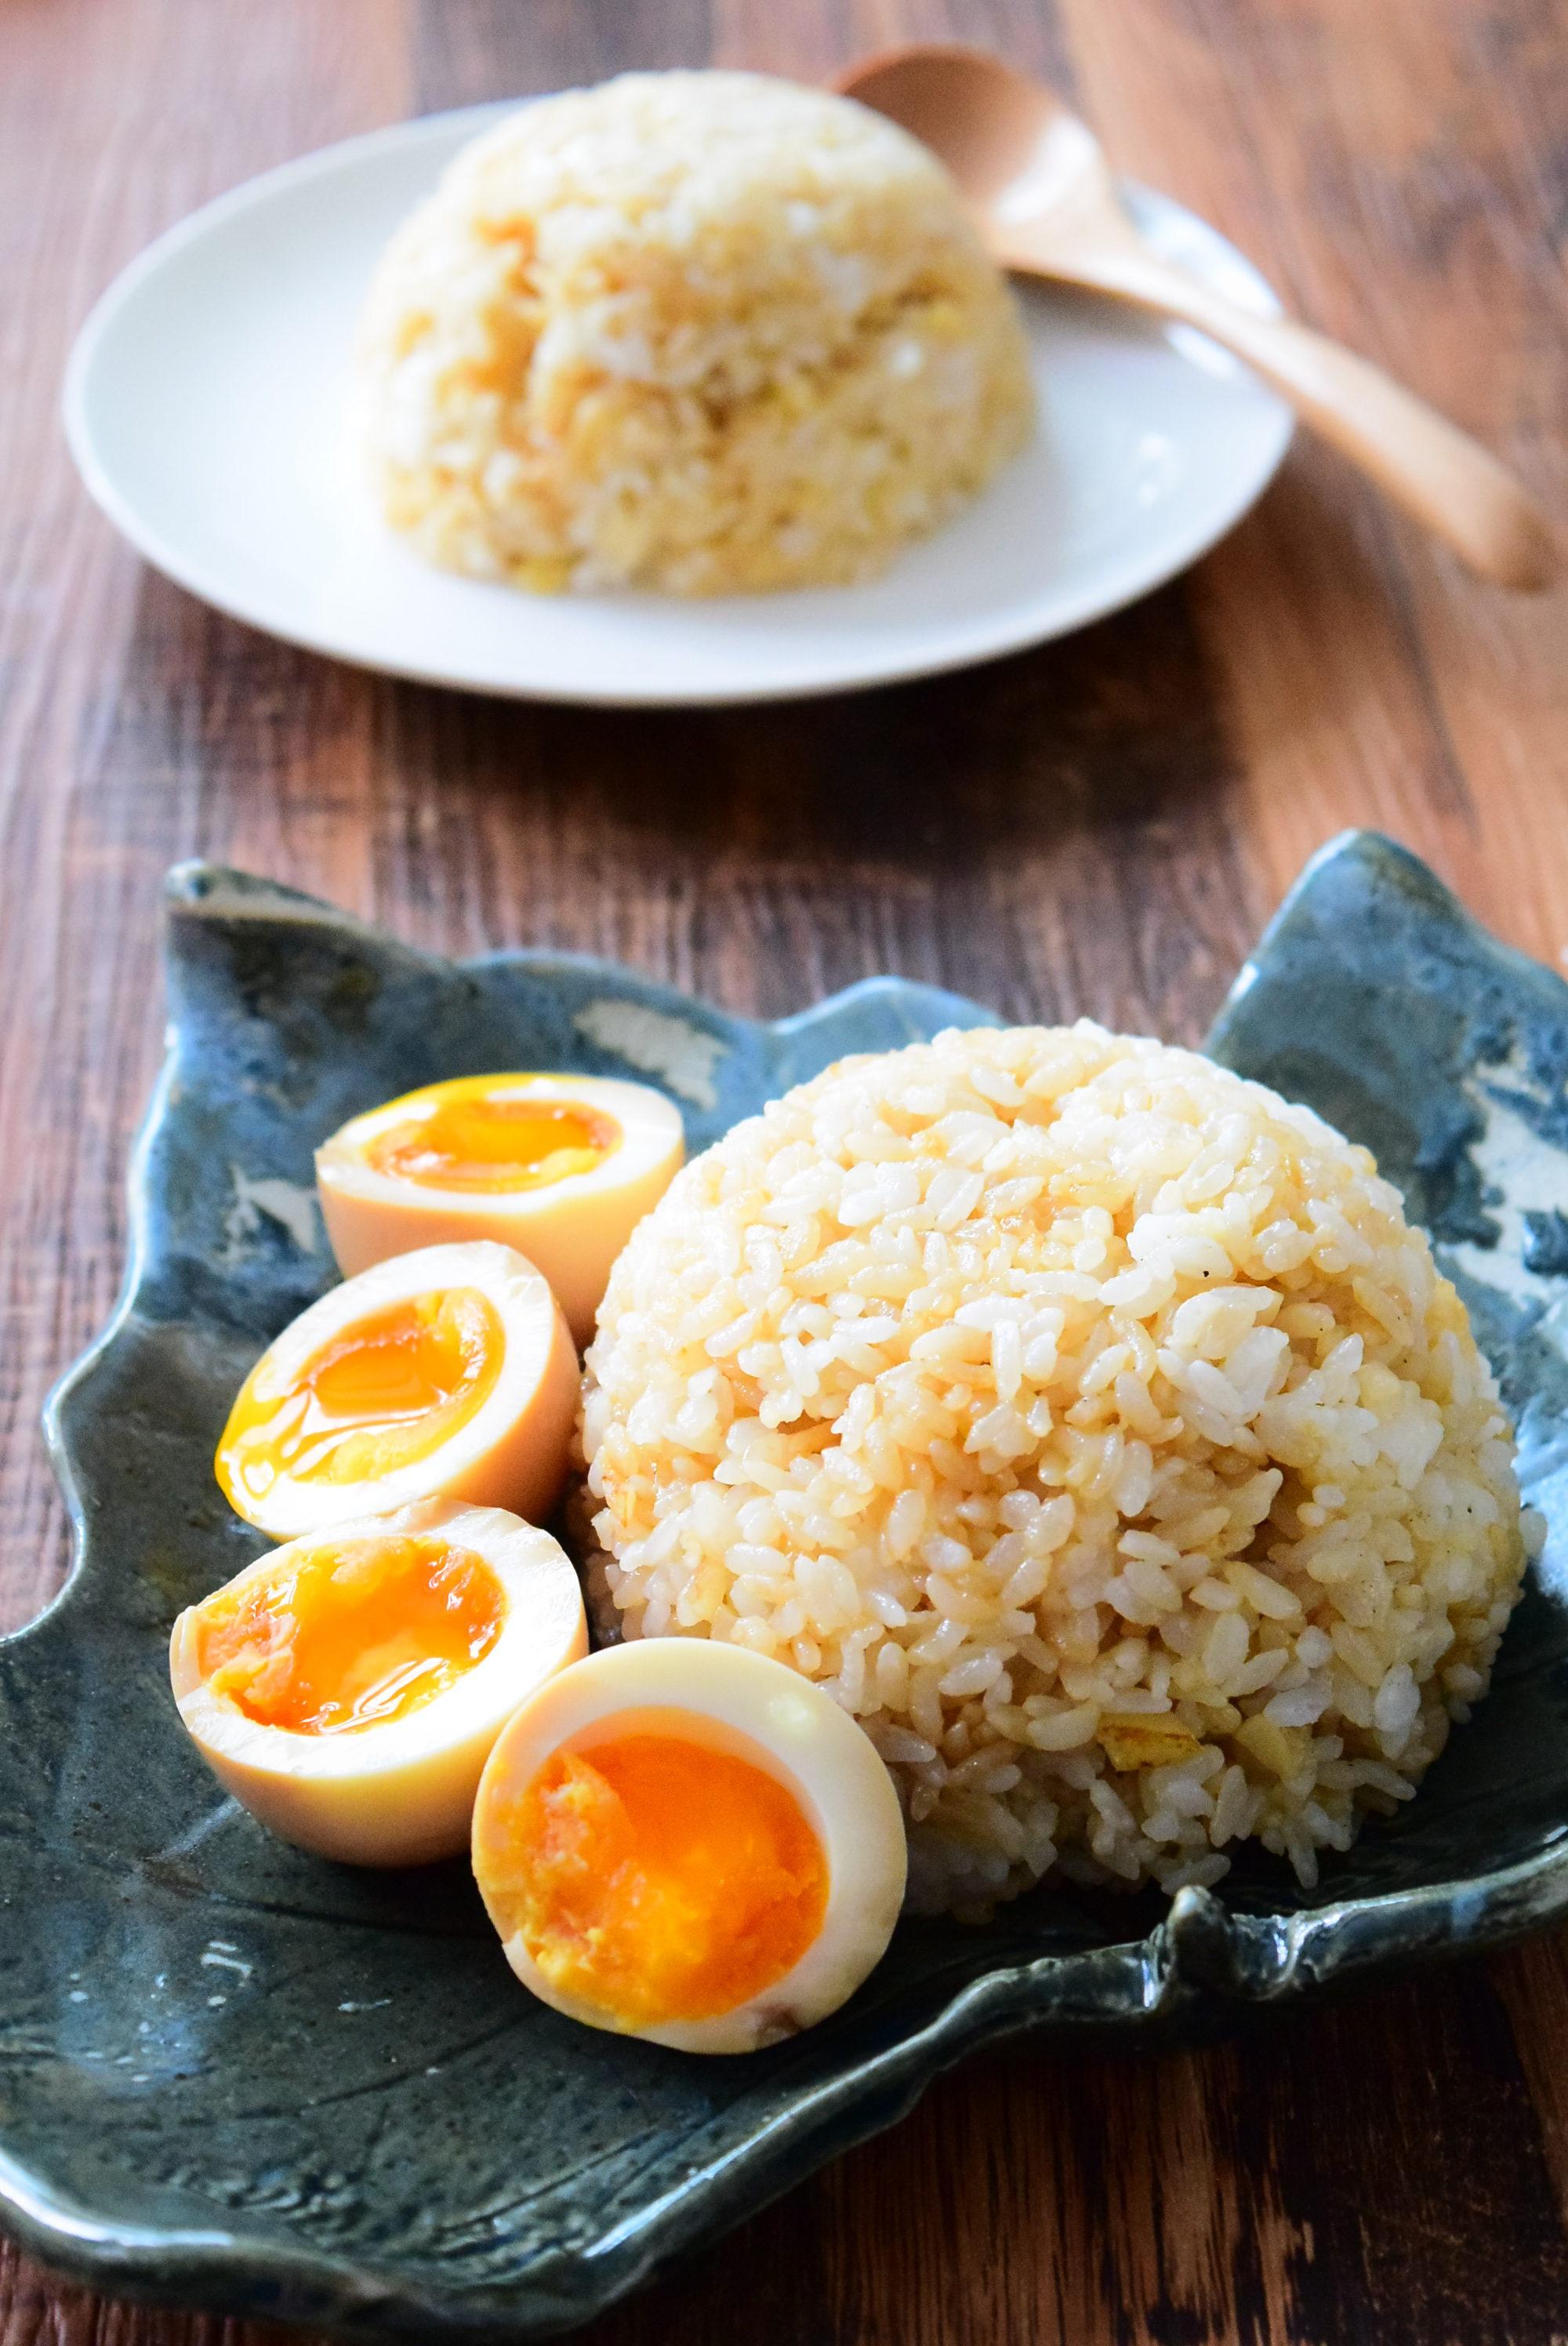 ガーリックライスの味付け卵添えのレシピ